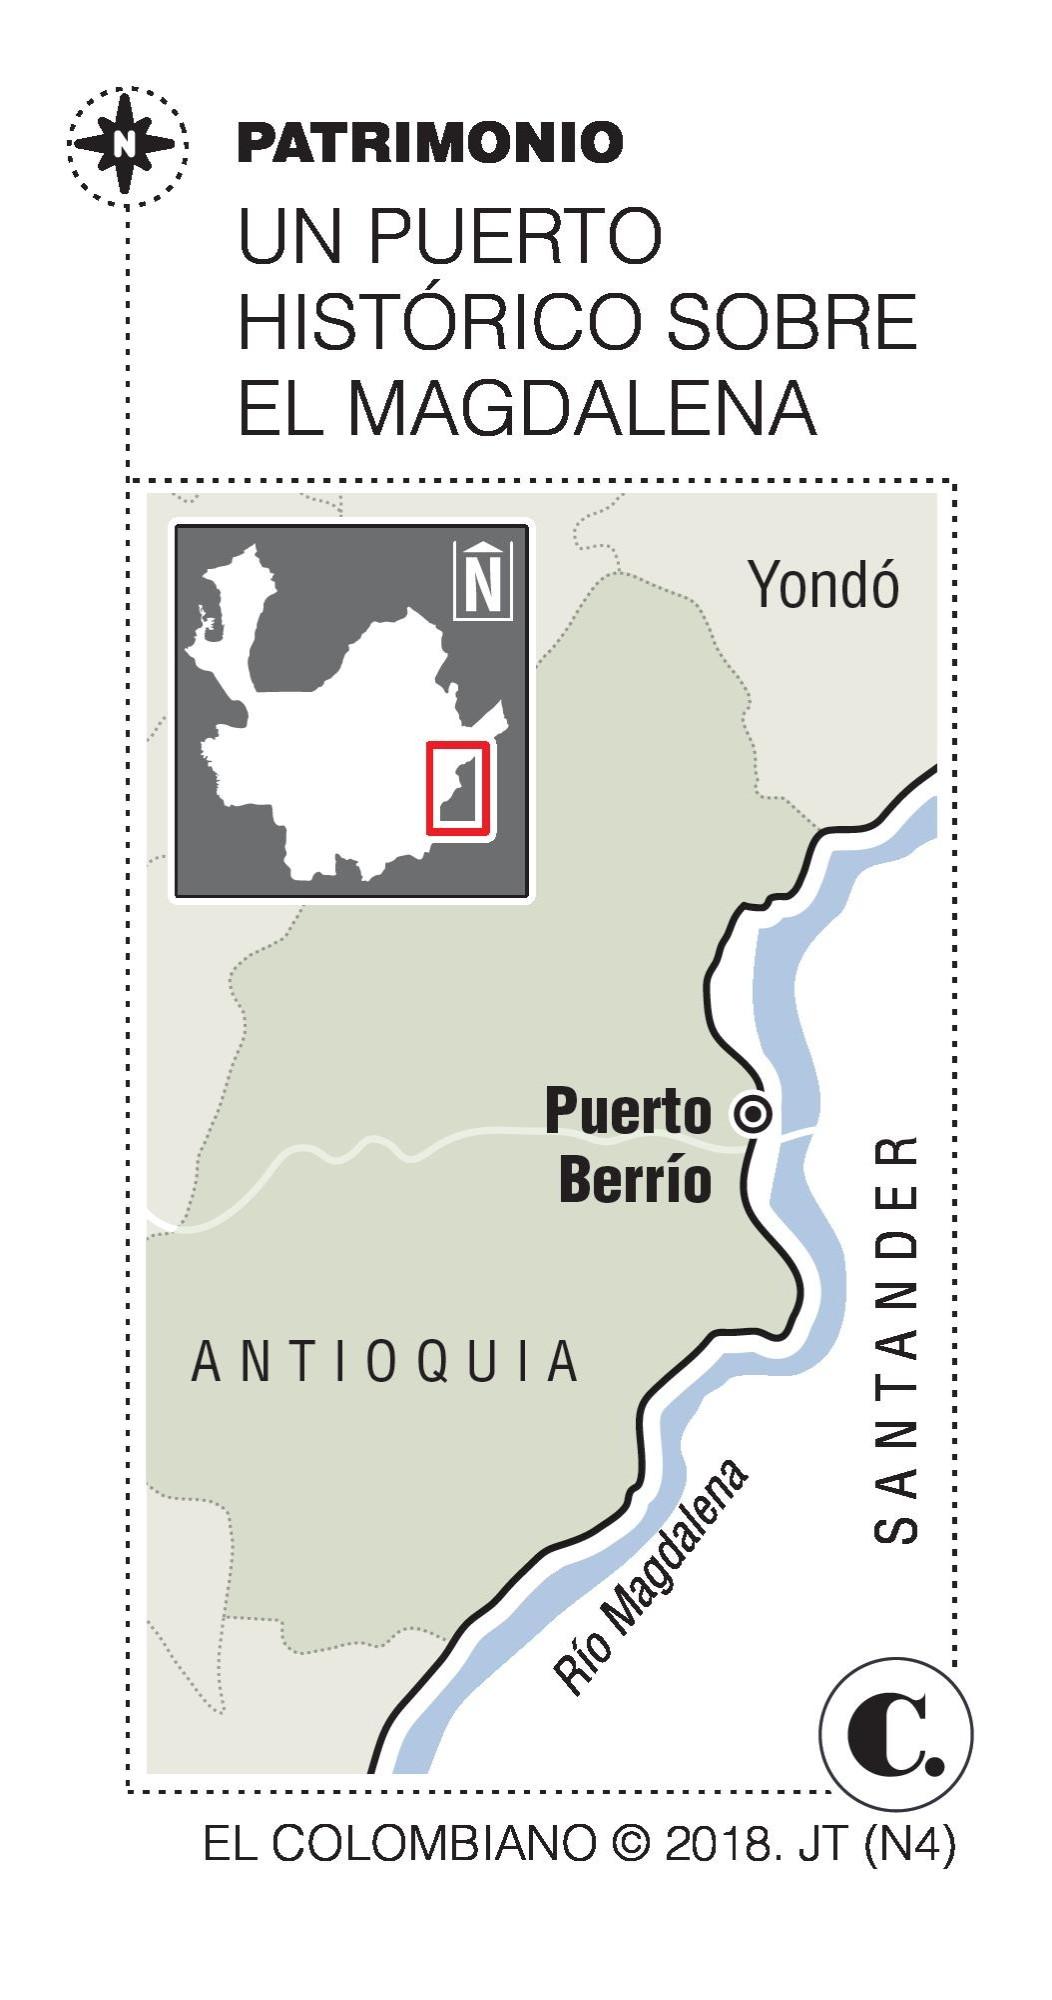 Hotel Magdalena en Puerto Berrío Antioquia